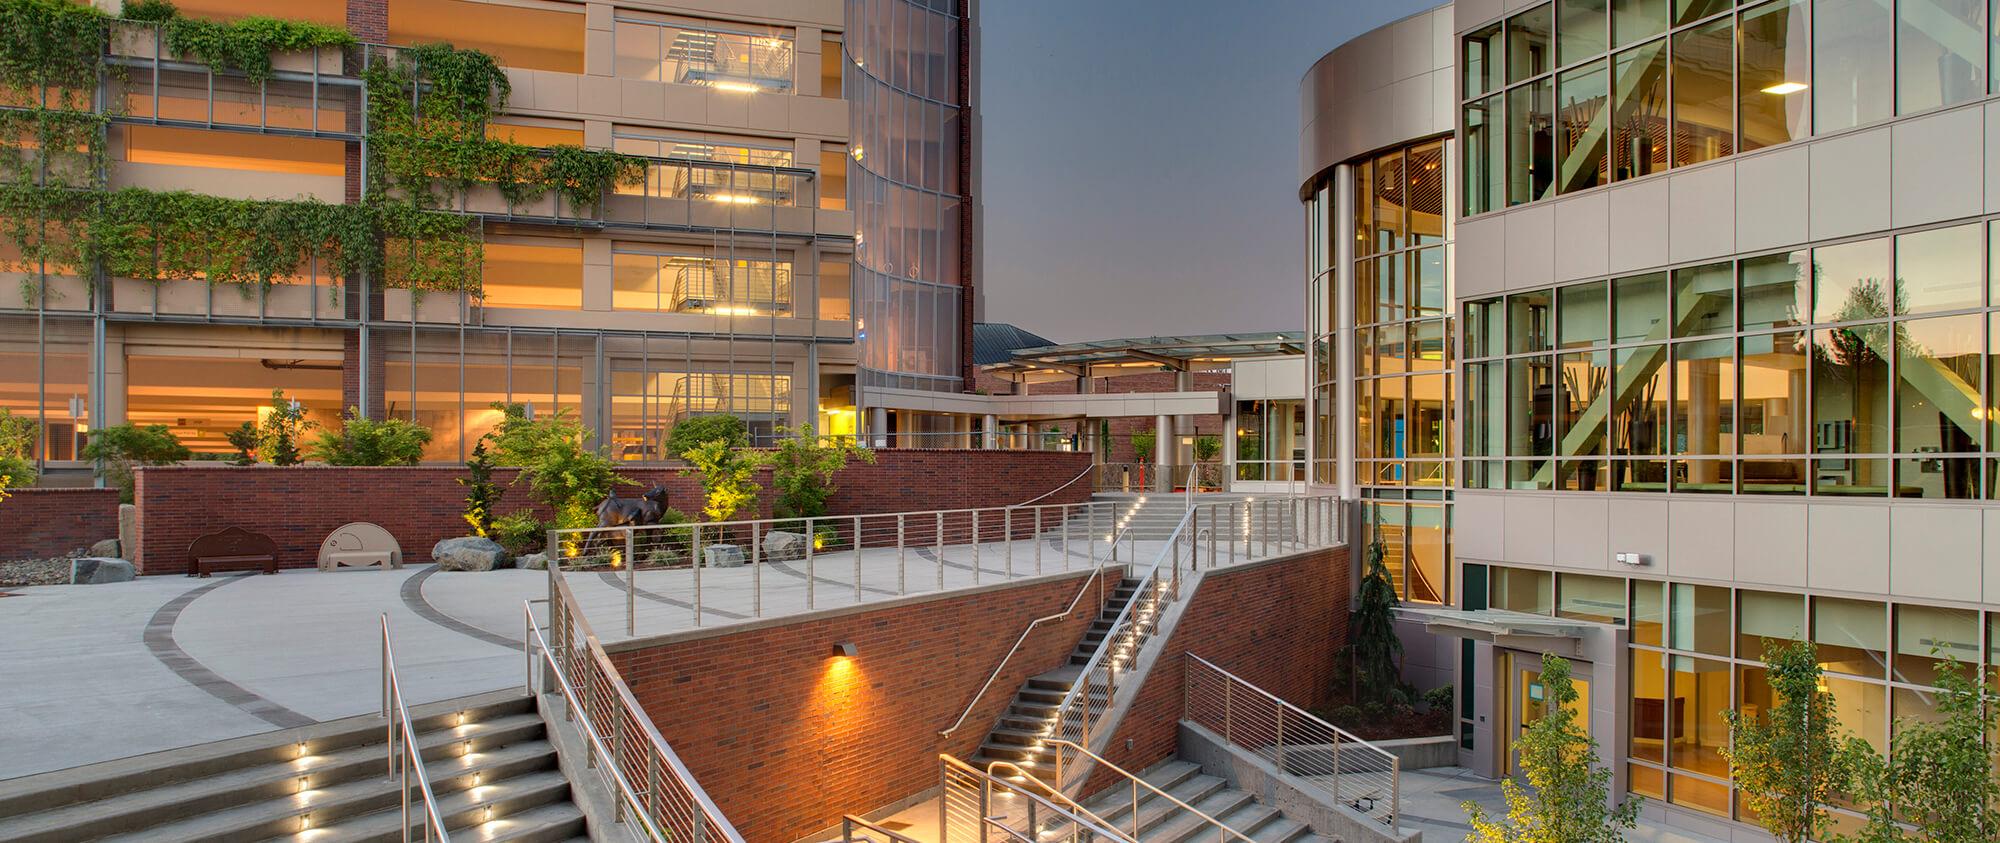 Kaiser Westside Medical Center   General Contractor